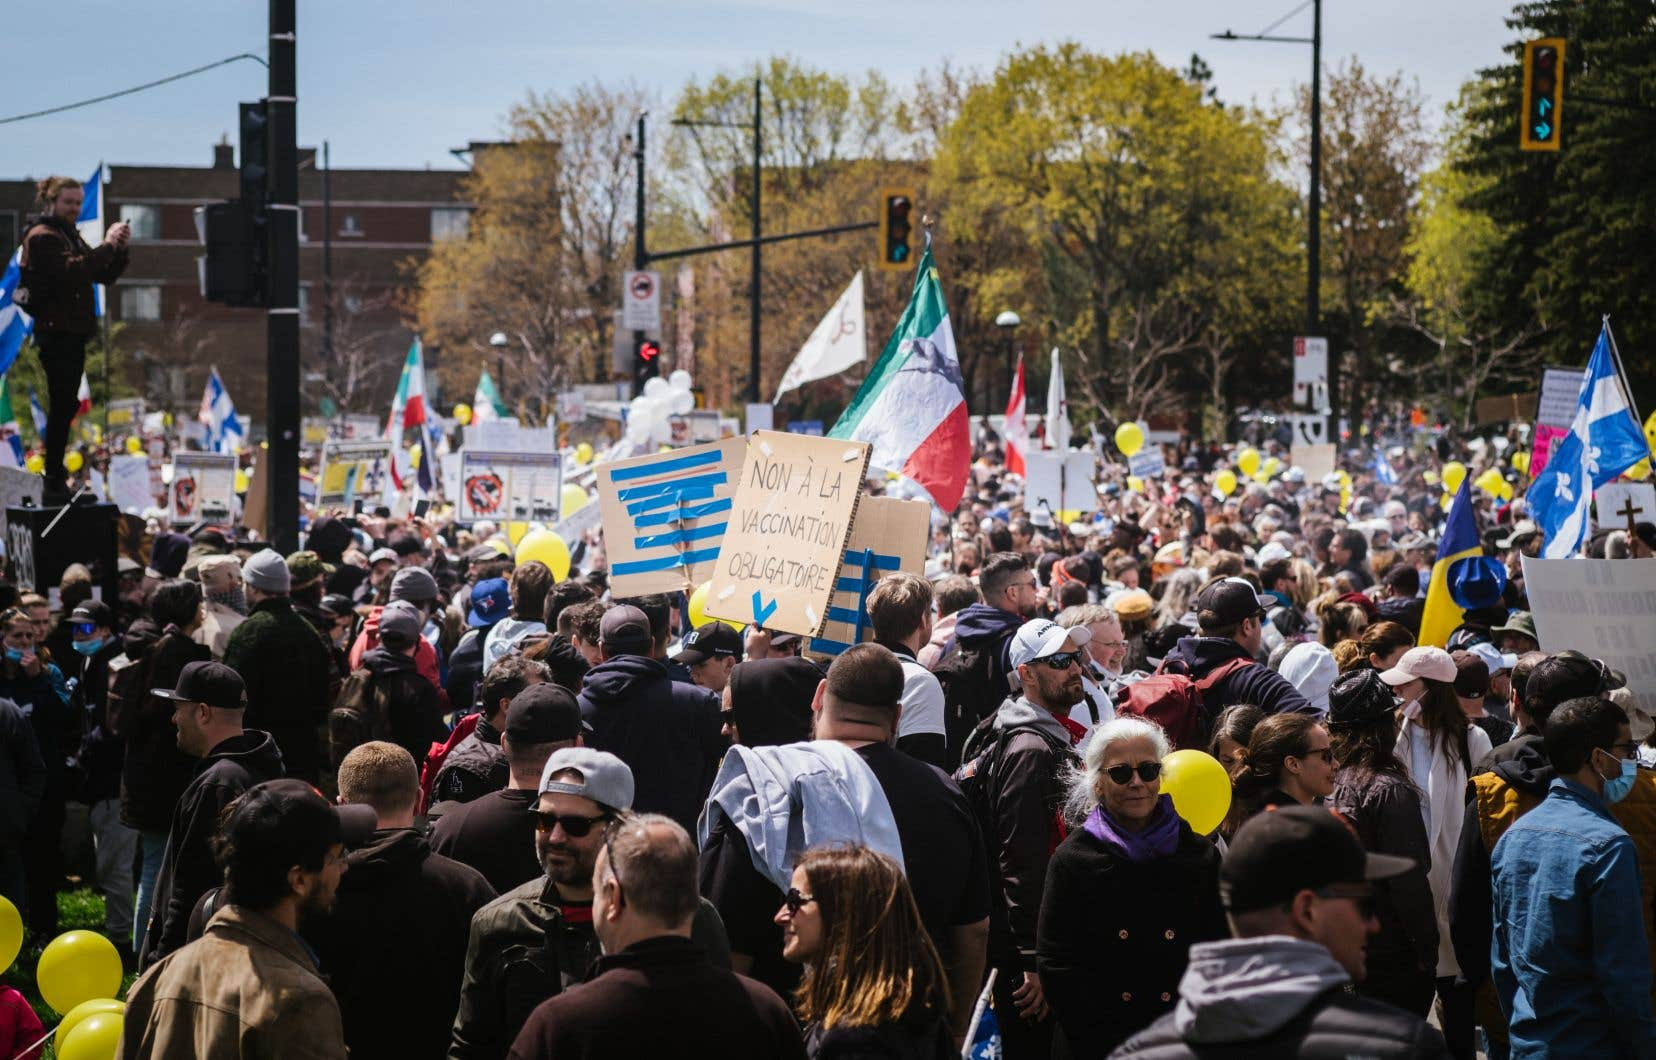 Parmi les manifestants, on retrouve autant des jeunes que des personnes âgées et des familles avec enfants. Rares sont ceux qui portent un masque, tandis que certaines personnes offrent même des câlins gratuits aux manifestants.